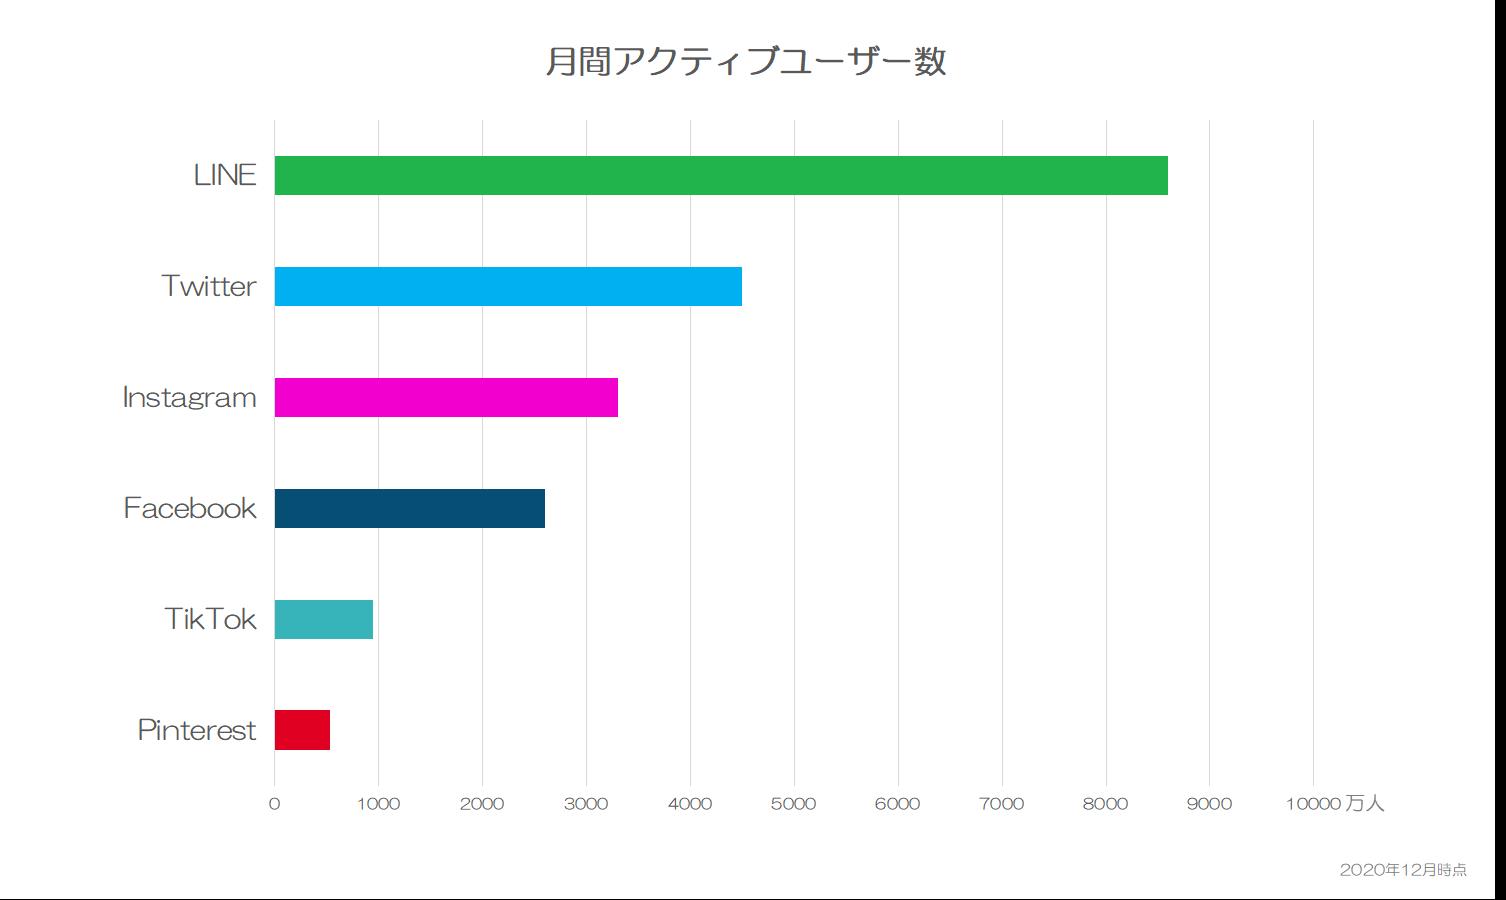 国内のSNSアクティブユーザー数のグラフ